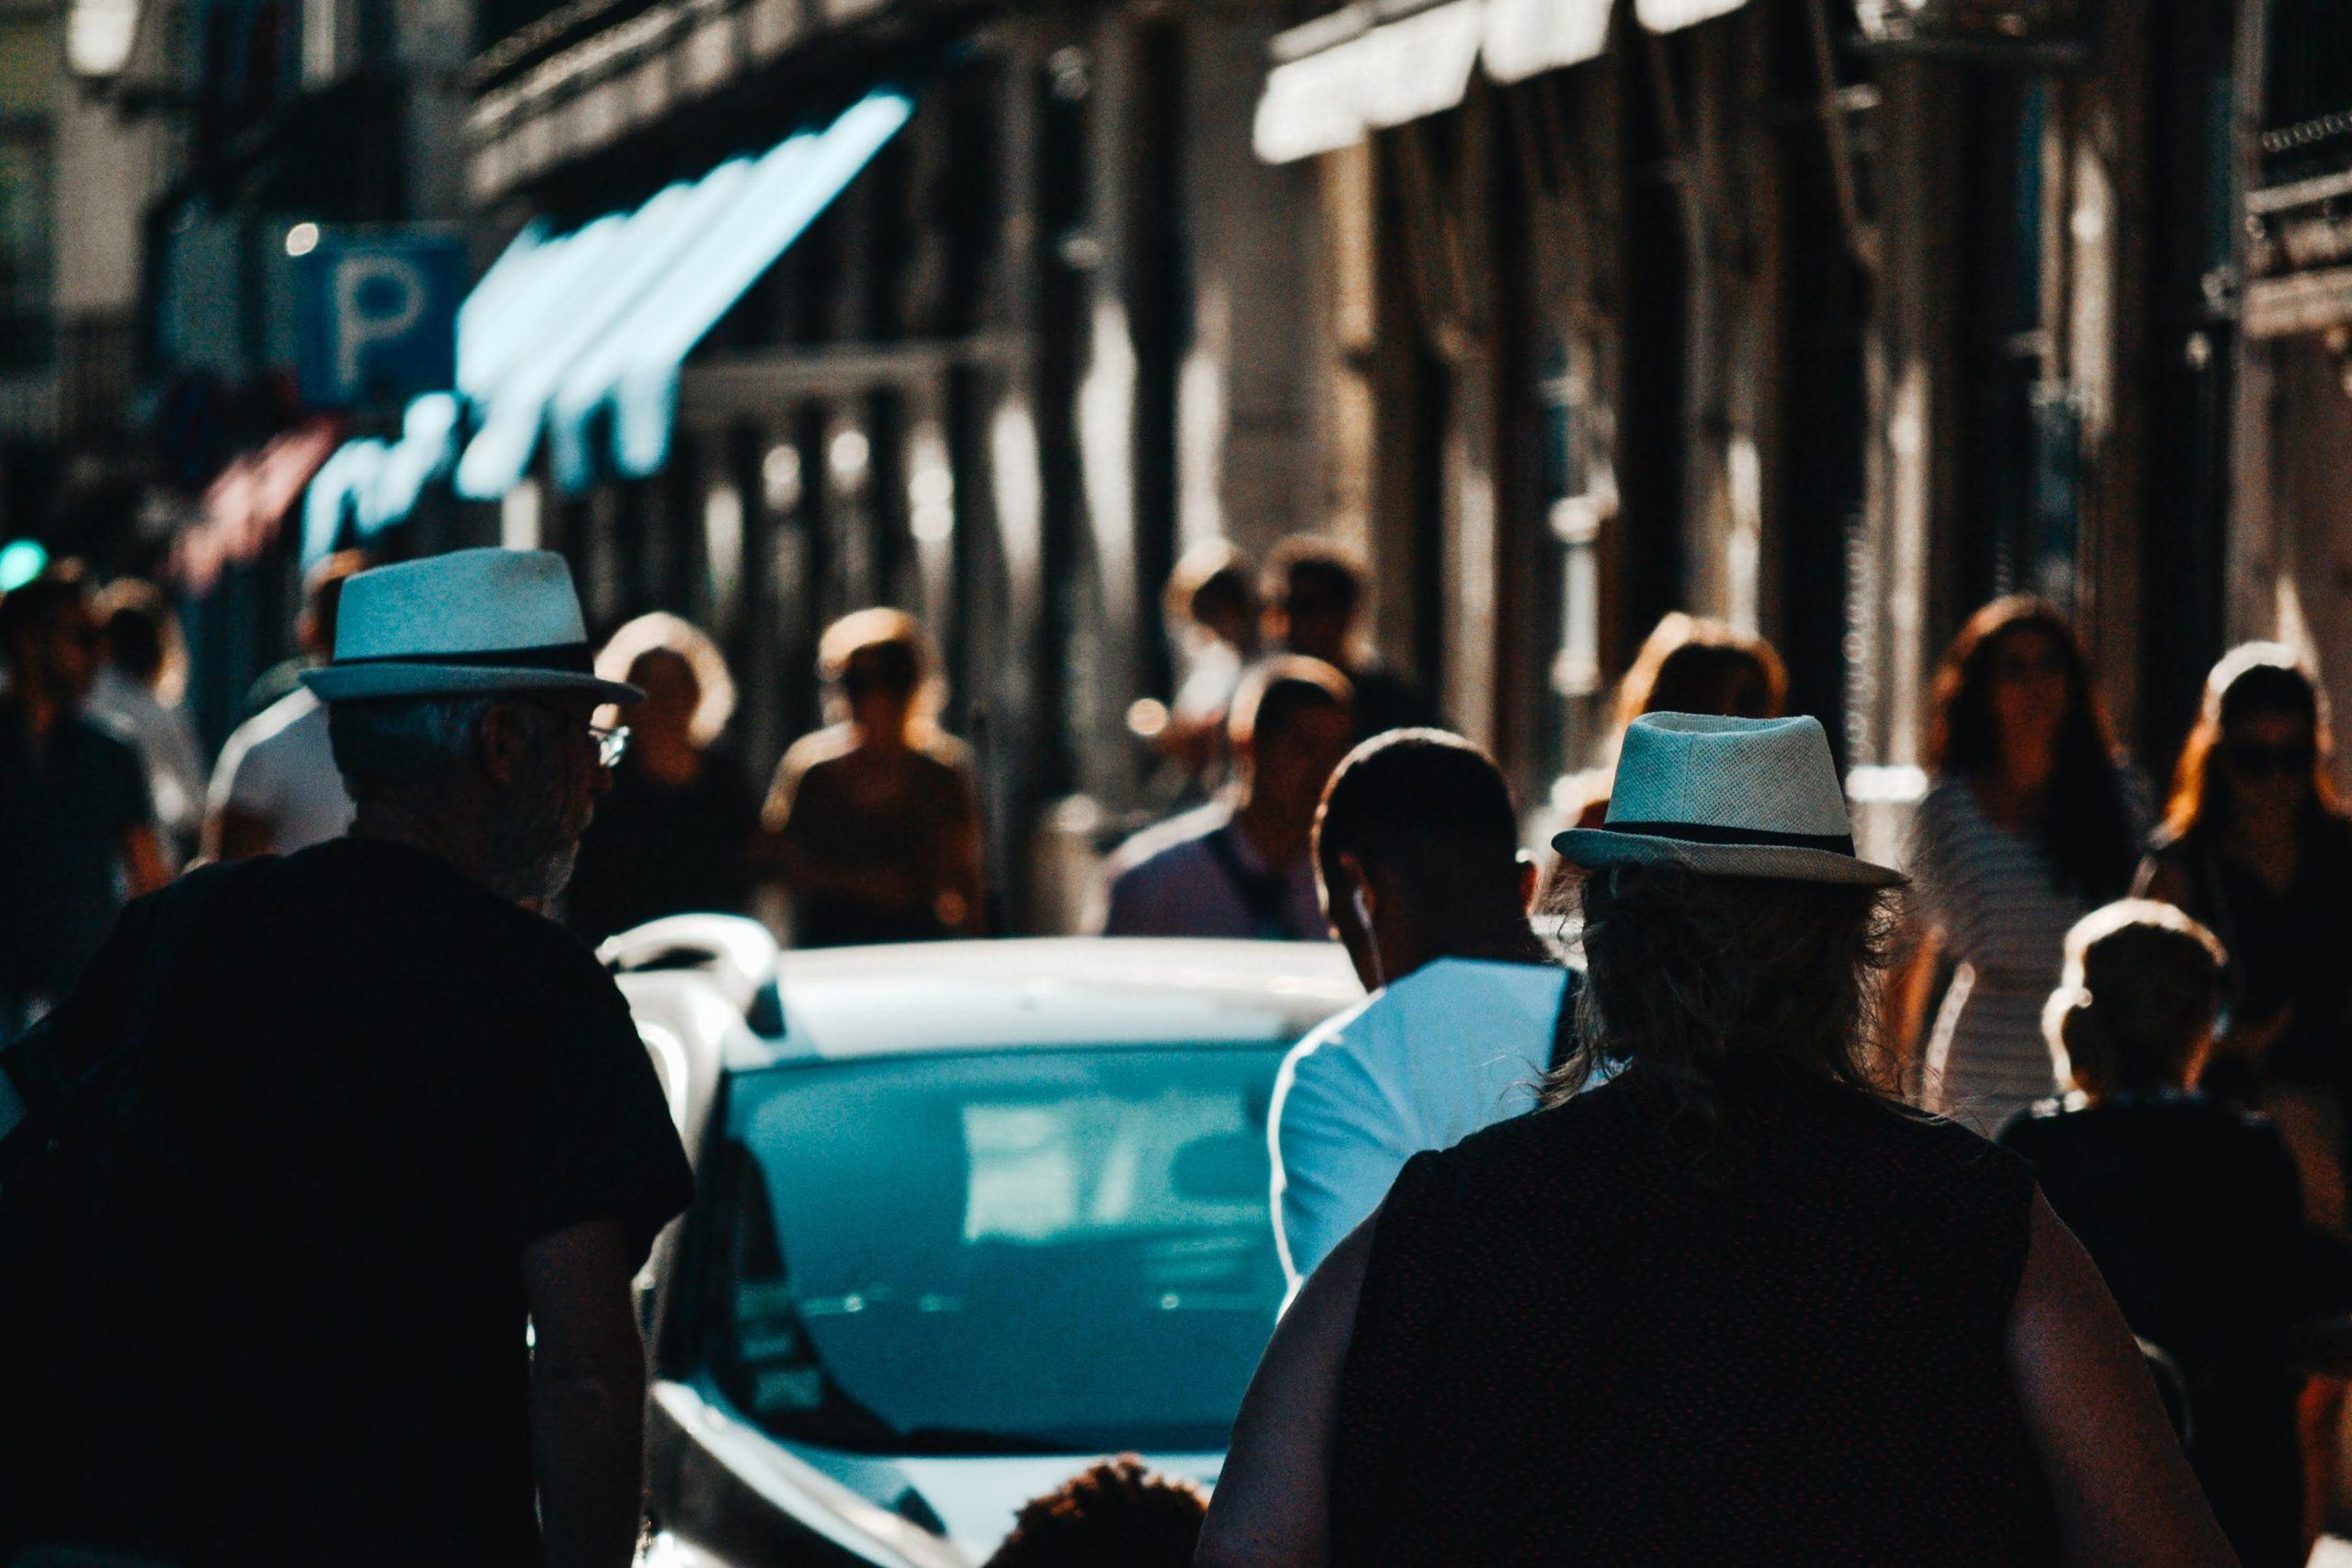 les gens qui marchent dans la rue. Contenu de mobilité sociale